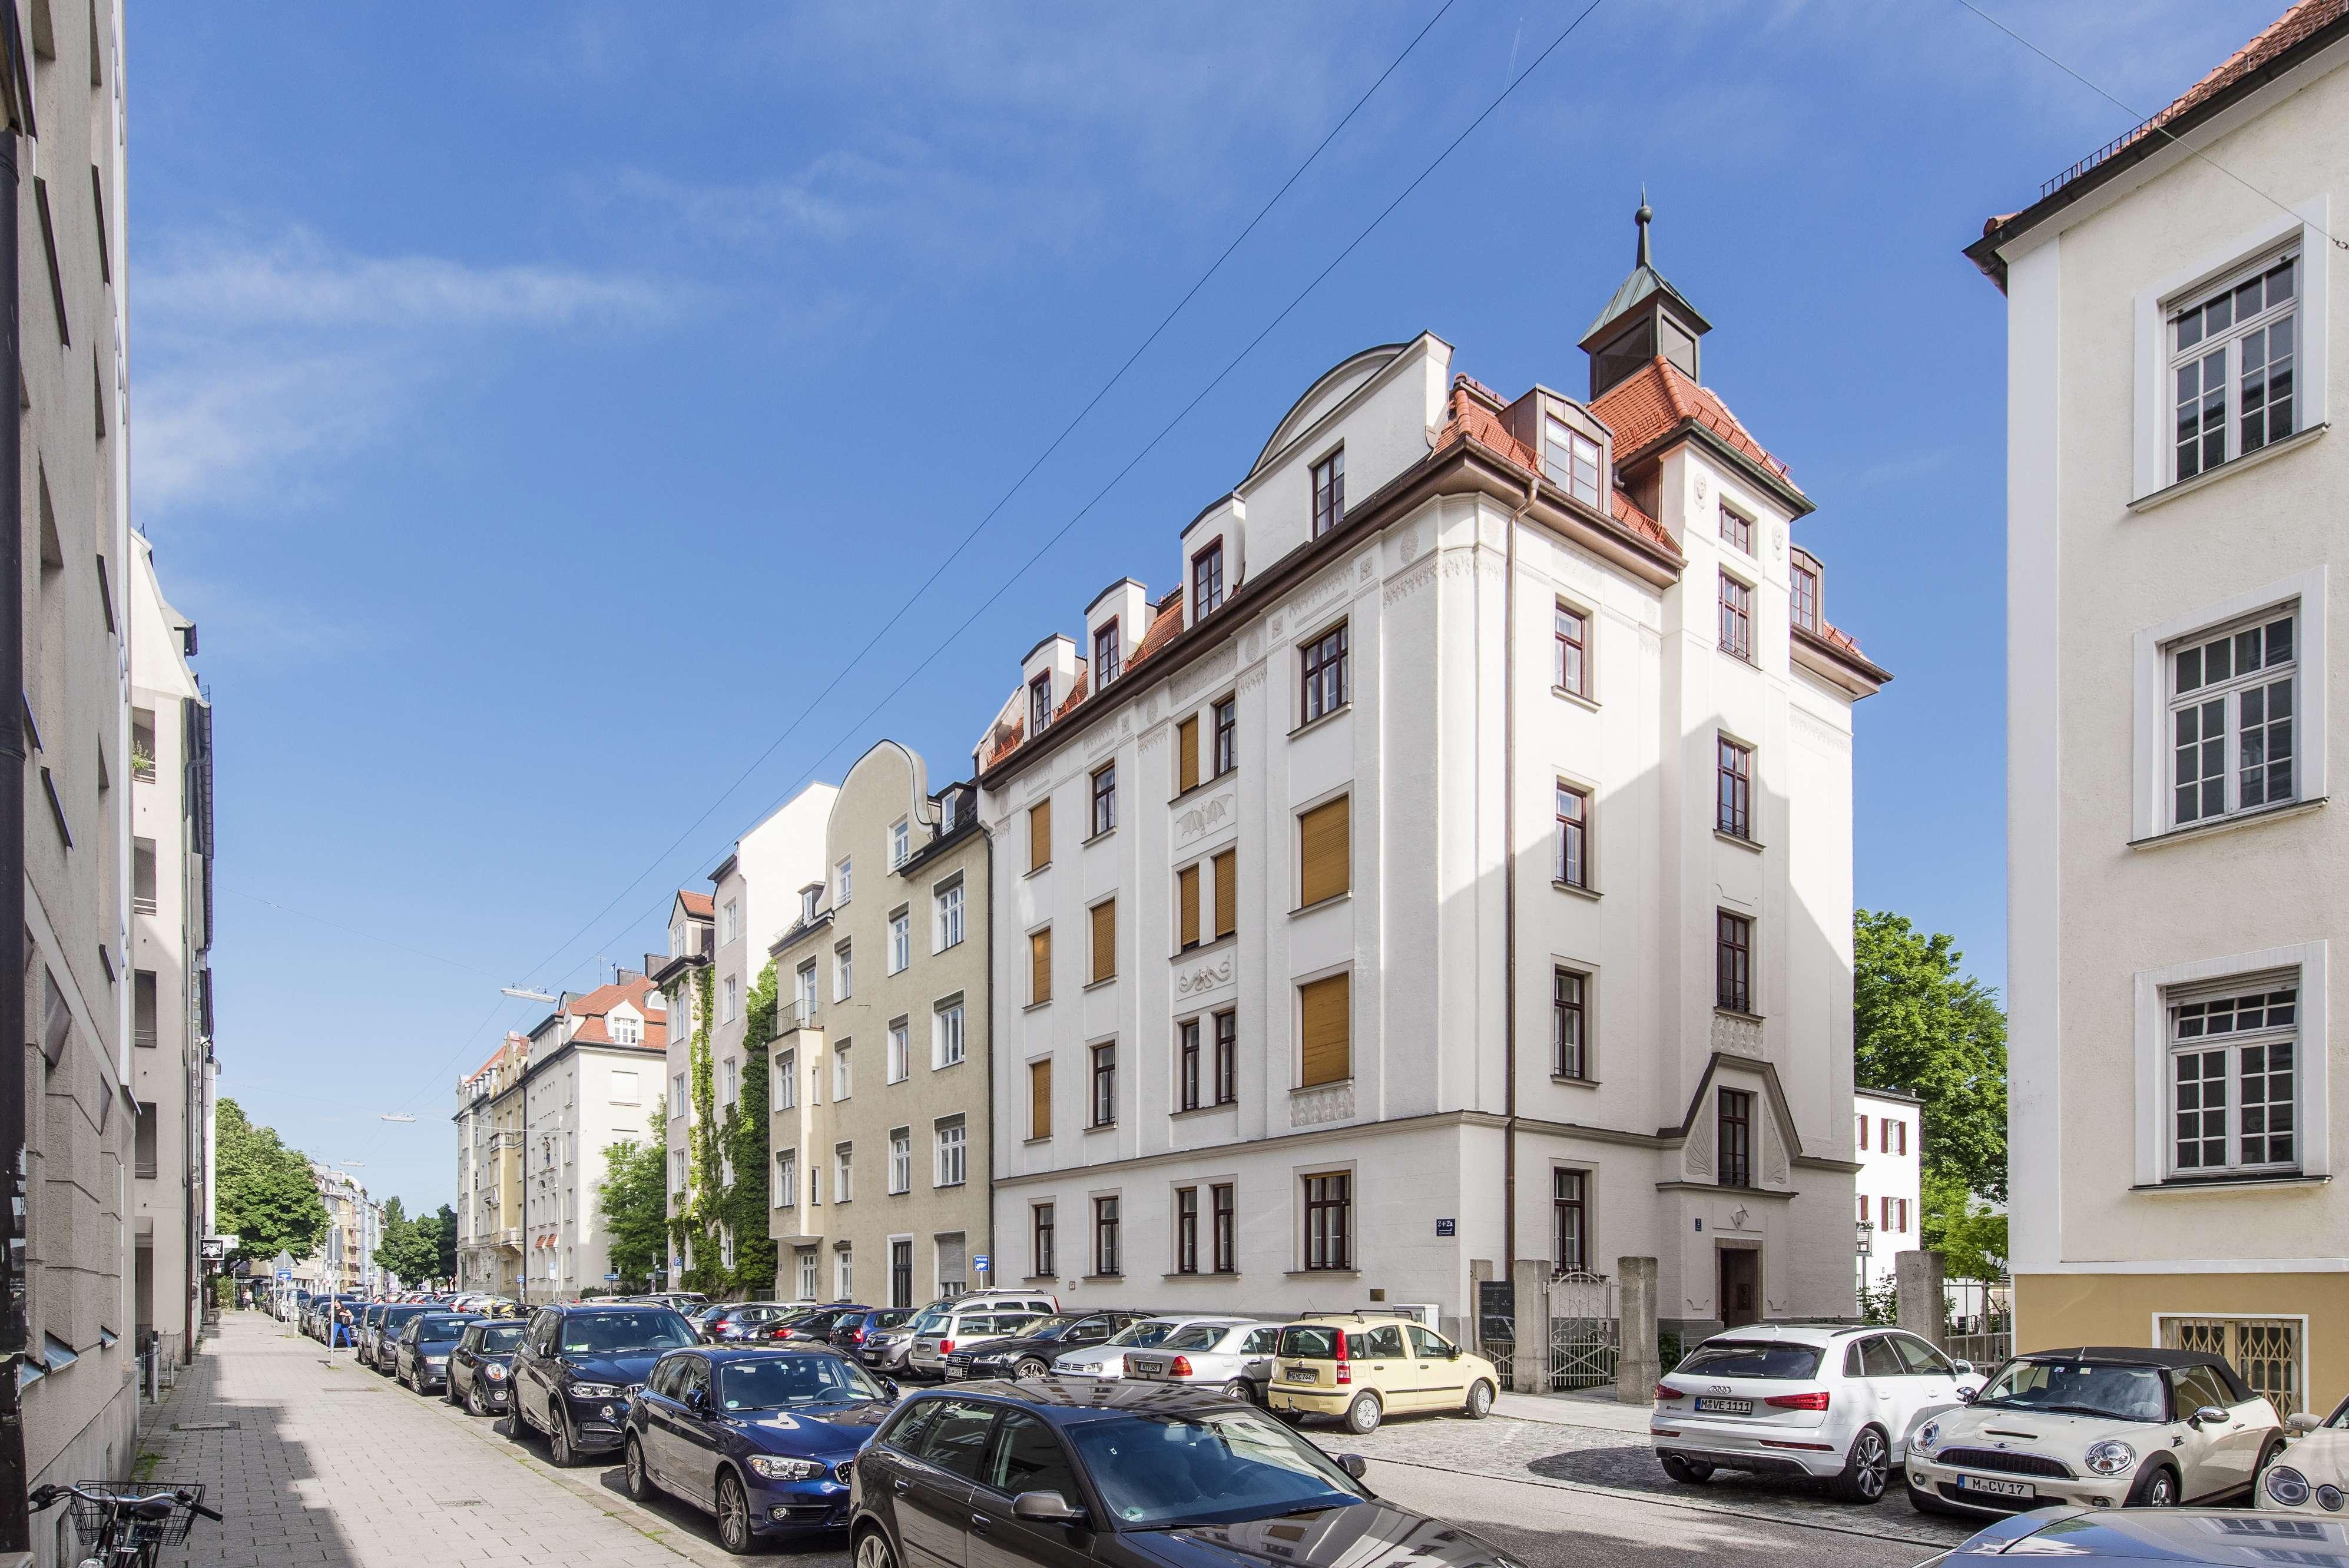 Herrschaftliche 5-Zimmer-Altbauwohnung mit 2 Balkonen in Schwabing